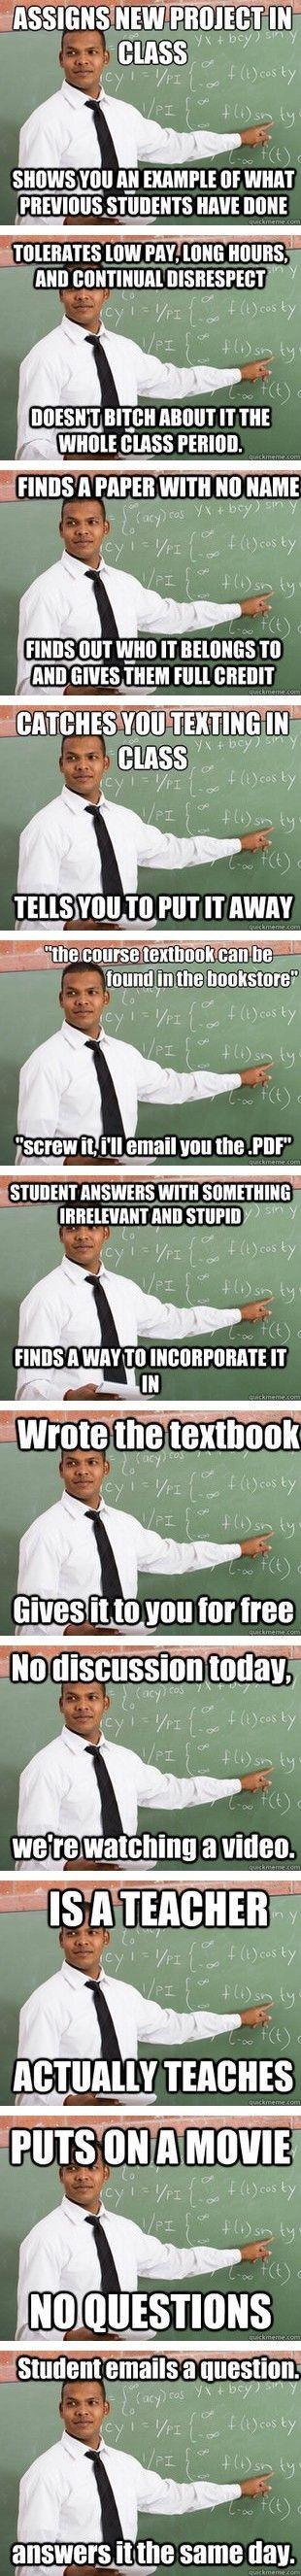 There's a good guy teacher meme?! Can he teach ALL my classes please?